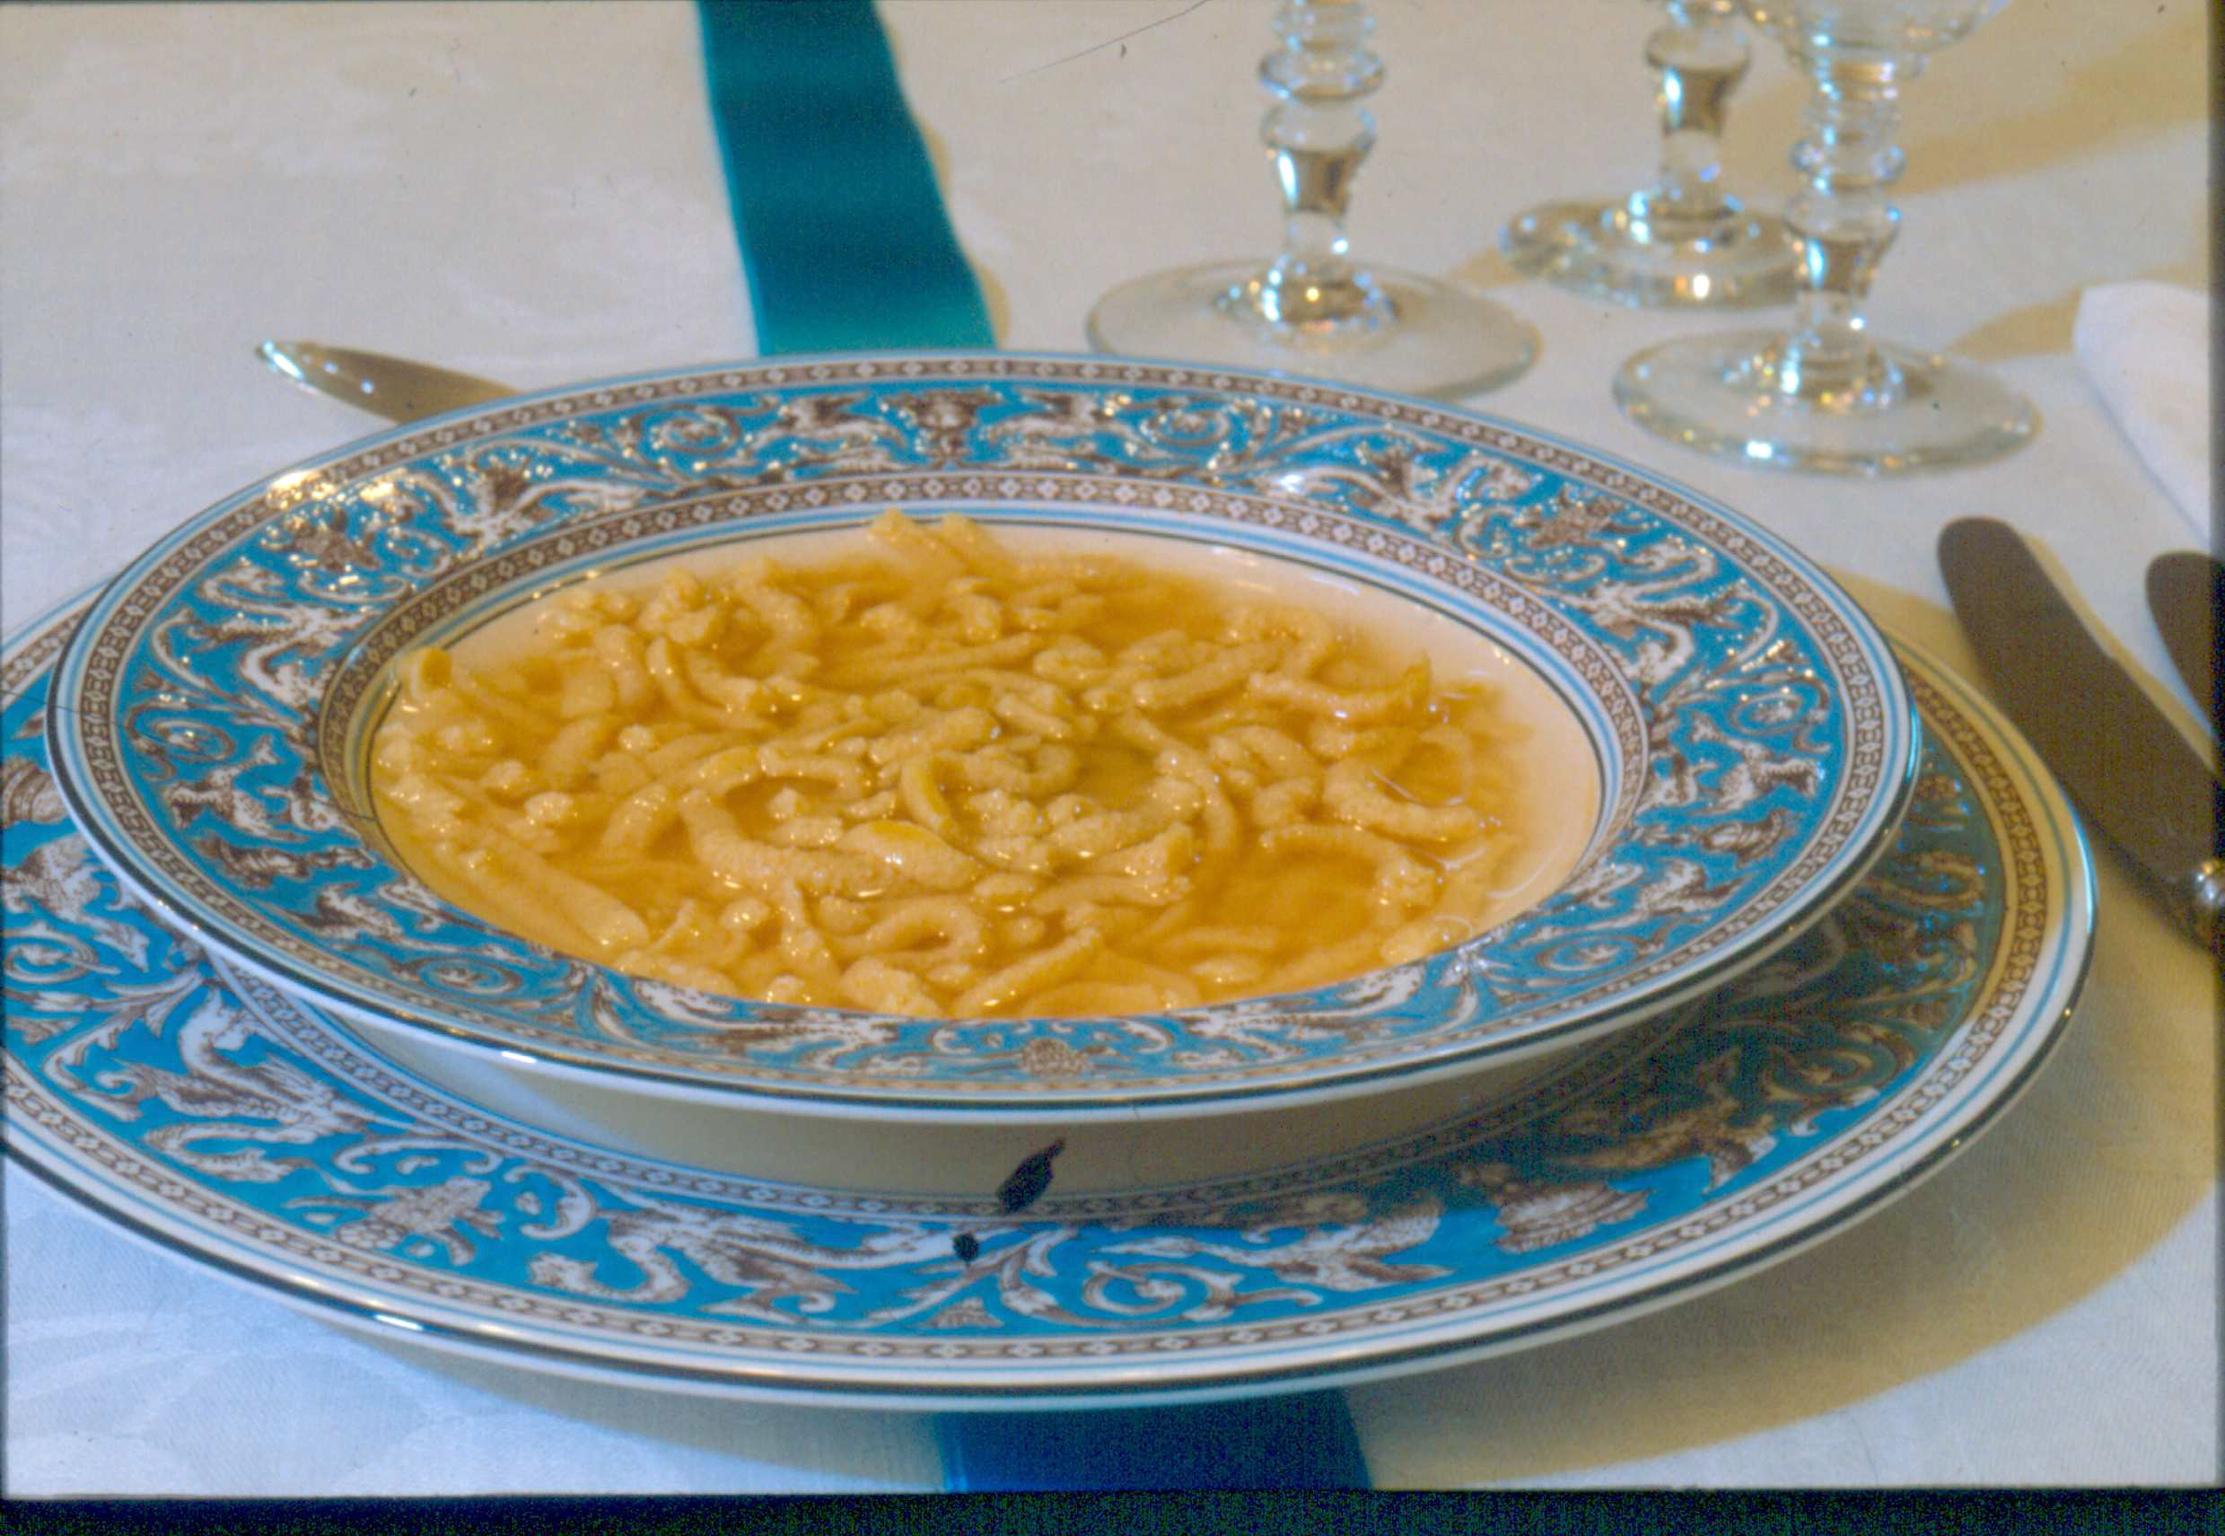 arex srl bologna recipes - photo#25